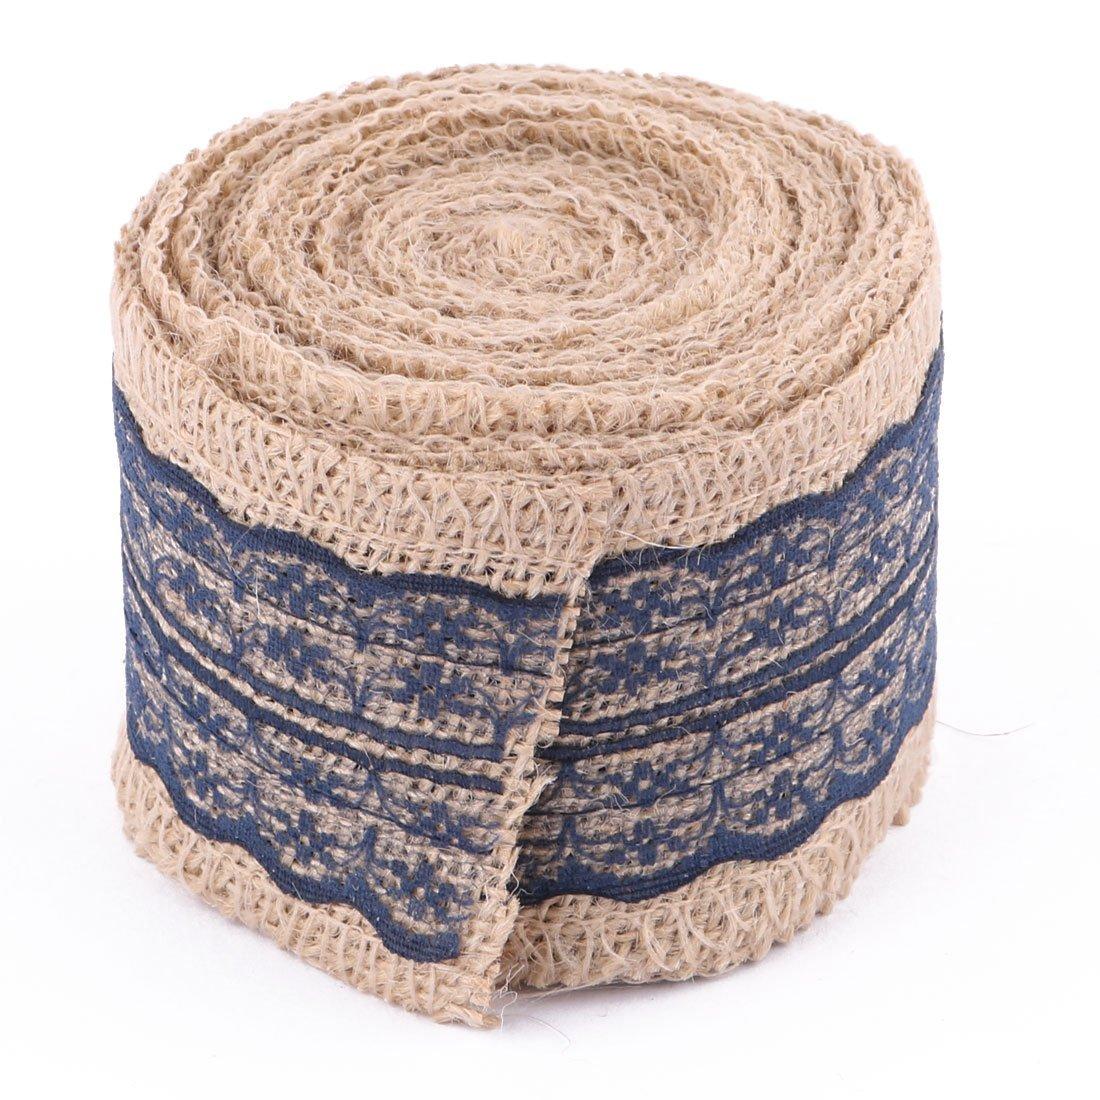 ... lino boda de la Falda de la Torta de cumpleaños decoración de la caja de costura de la Cinta del Rollo 5,6 yardas Azul Marino: Health & Personal Care